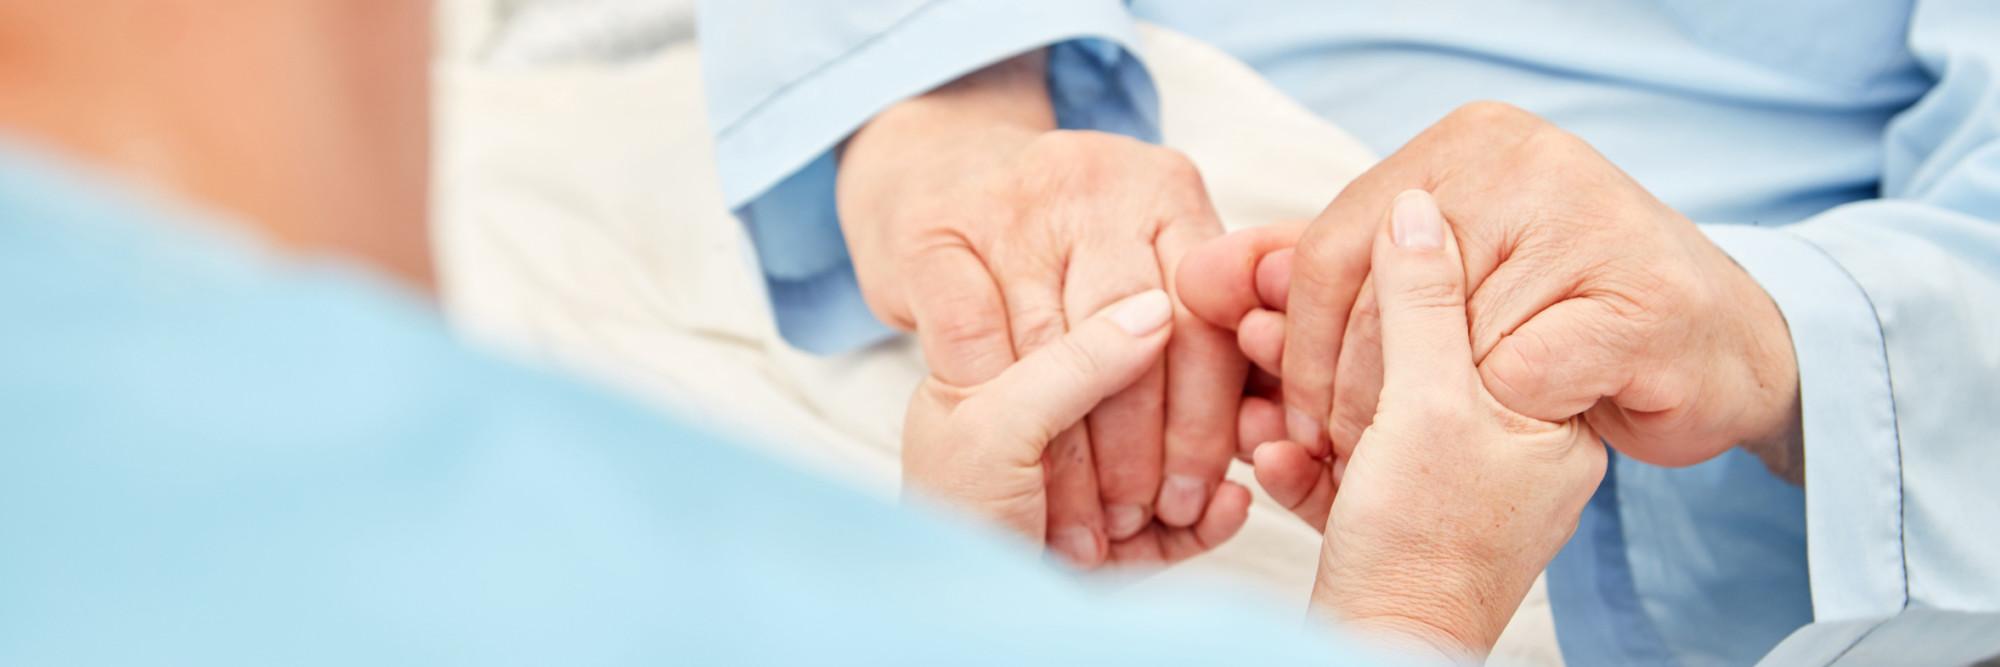 Zwei Hände halten zwei andere Hände und vermitteln Zugewandtheit.